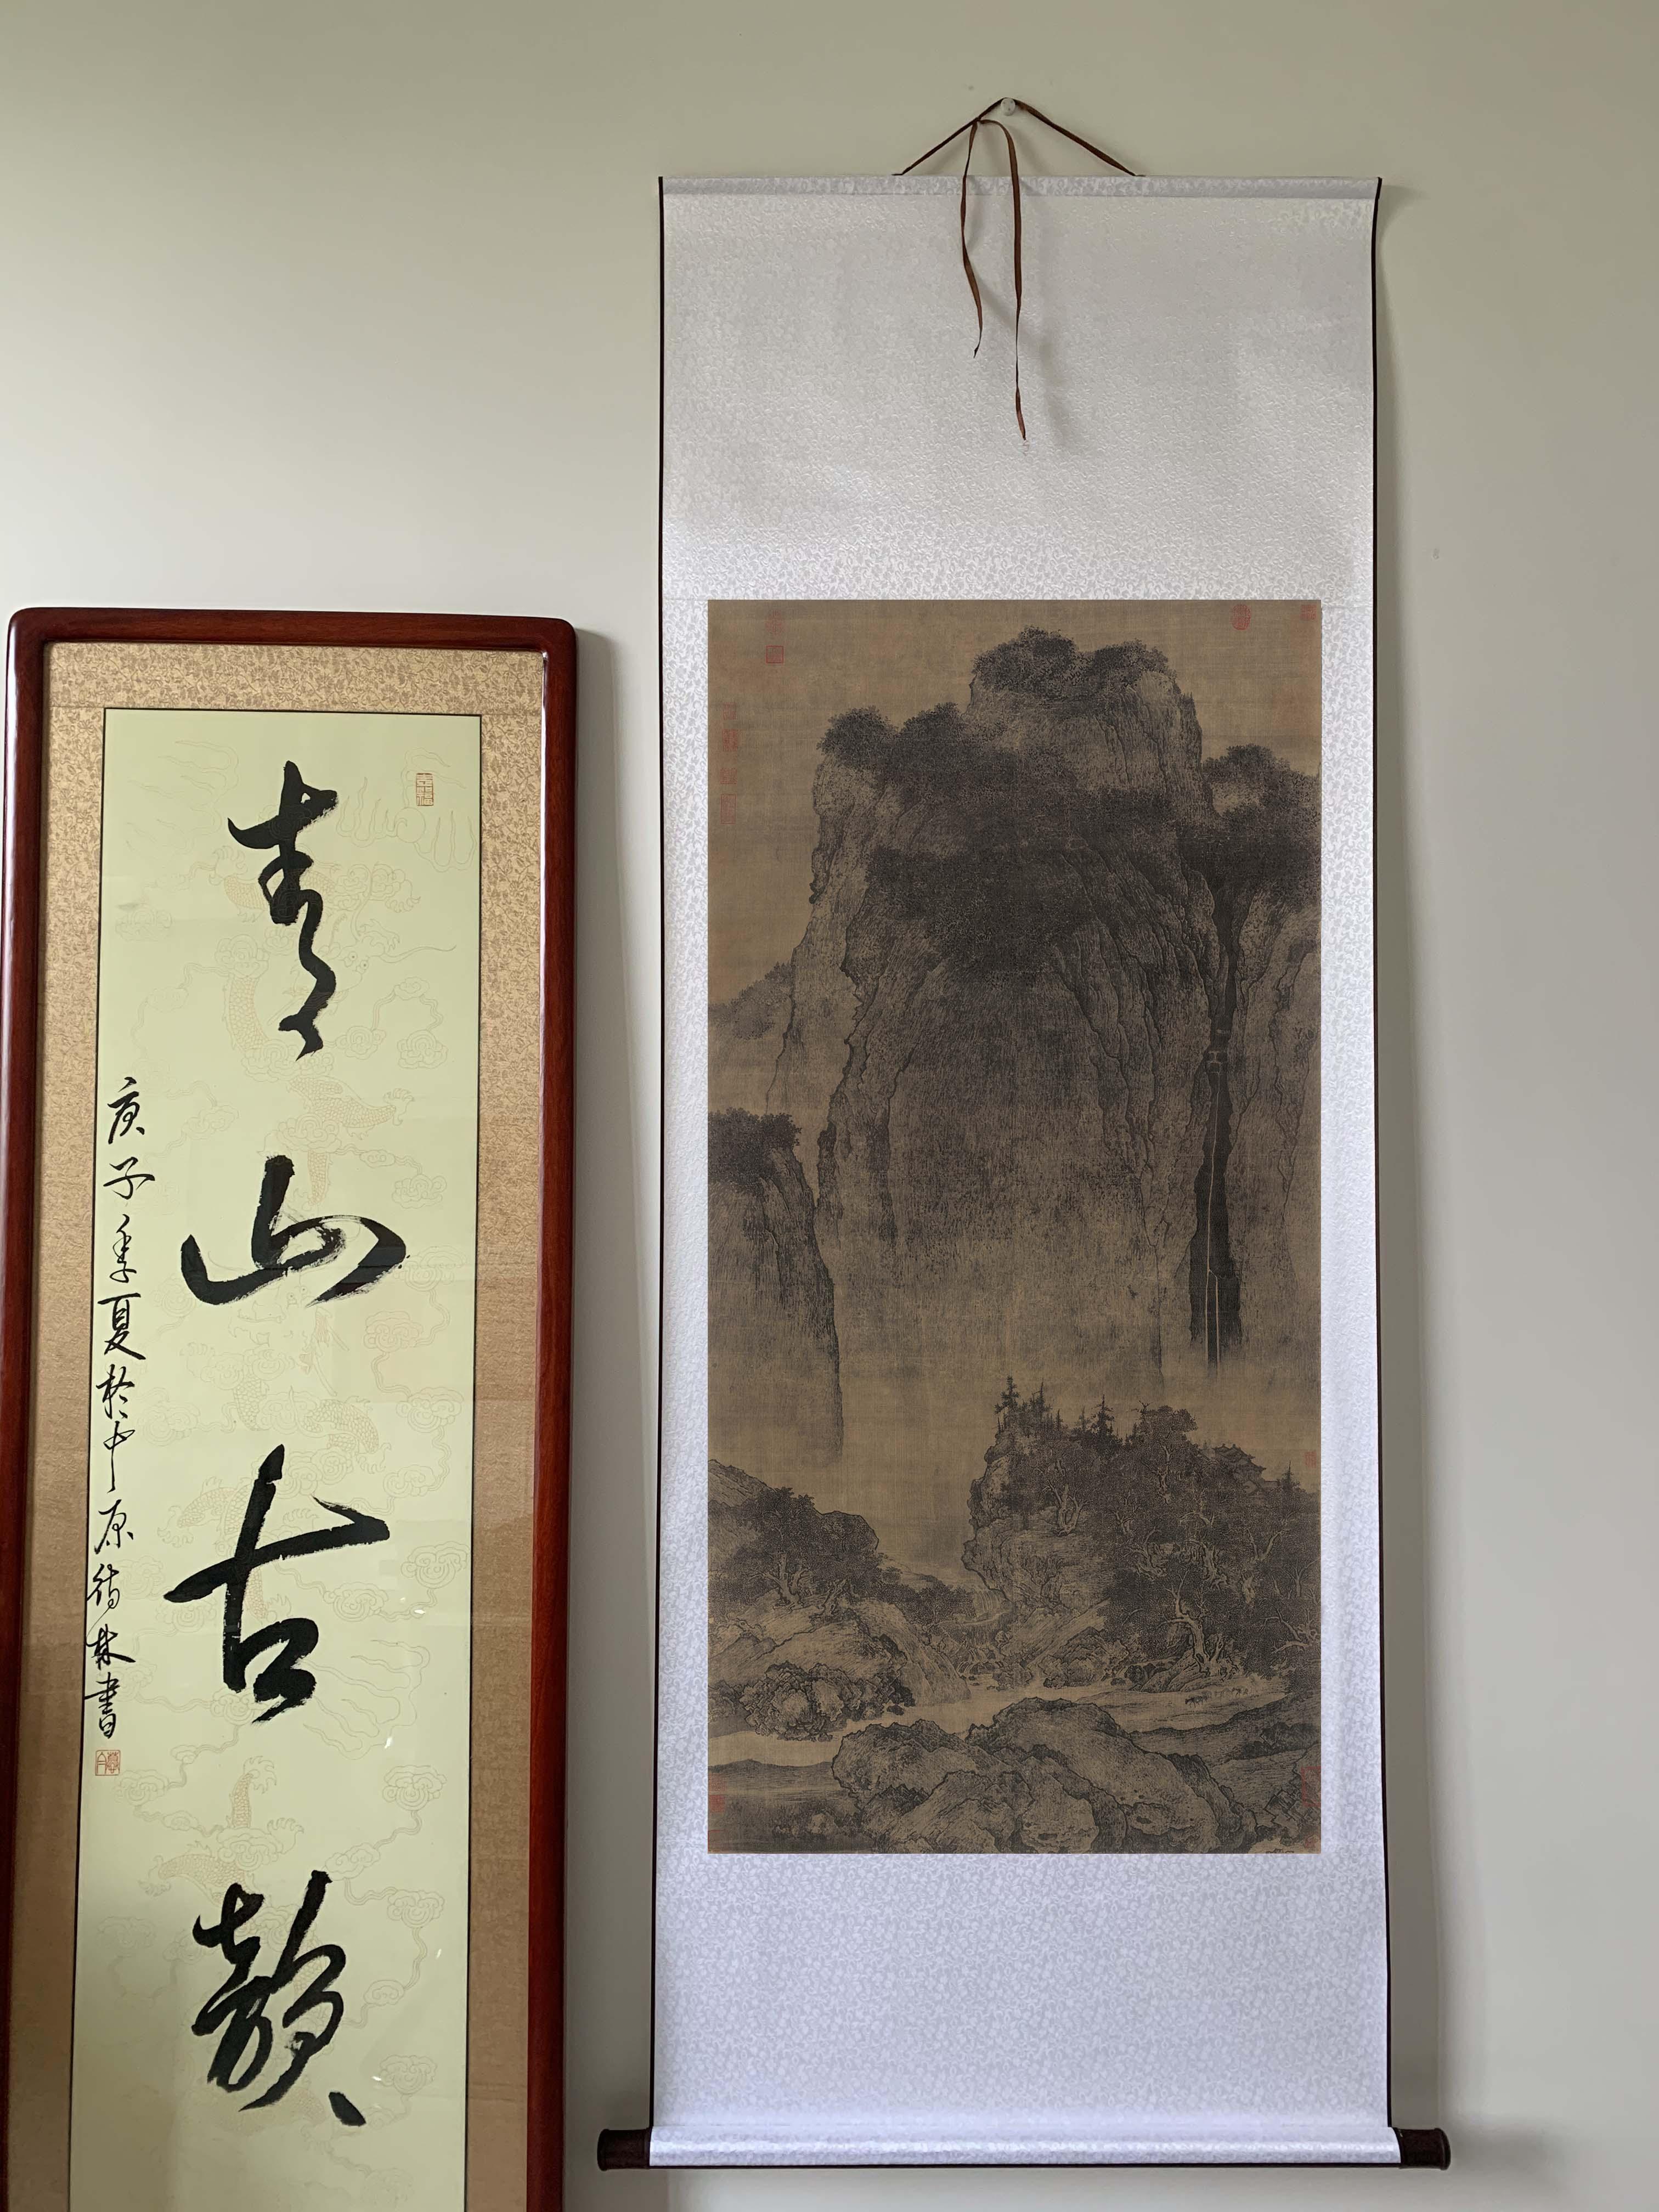 包邮北宋范宽 溪山行旅图中国高山流水画绢本临摹写意山水画微喷